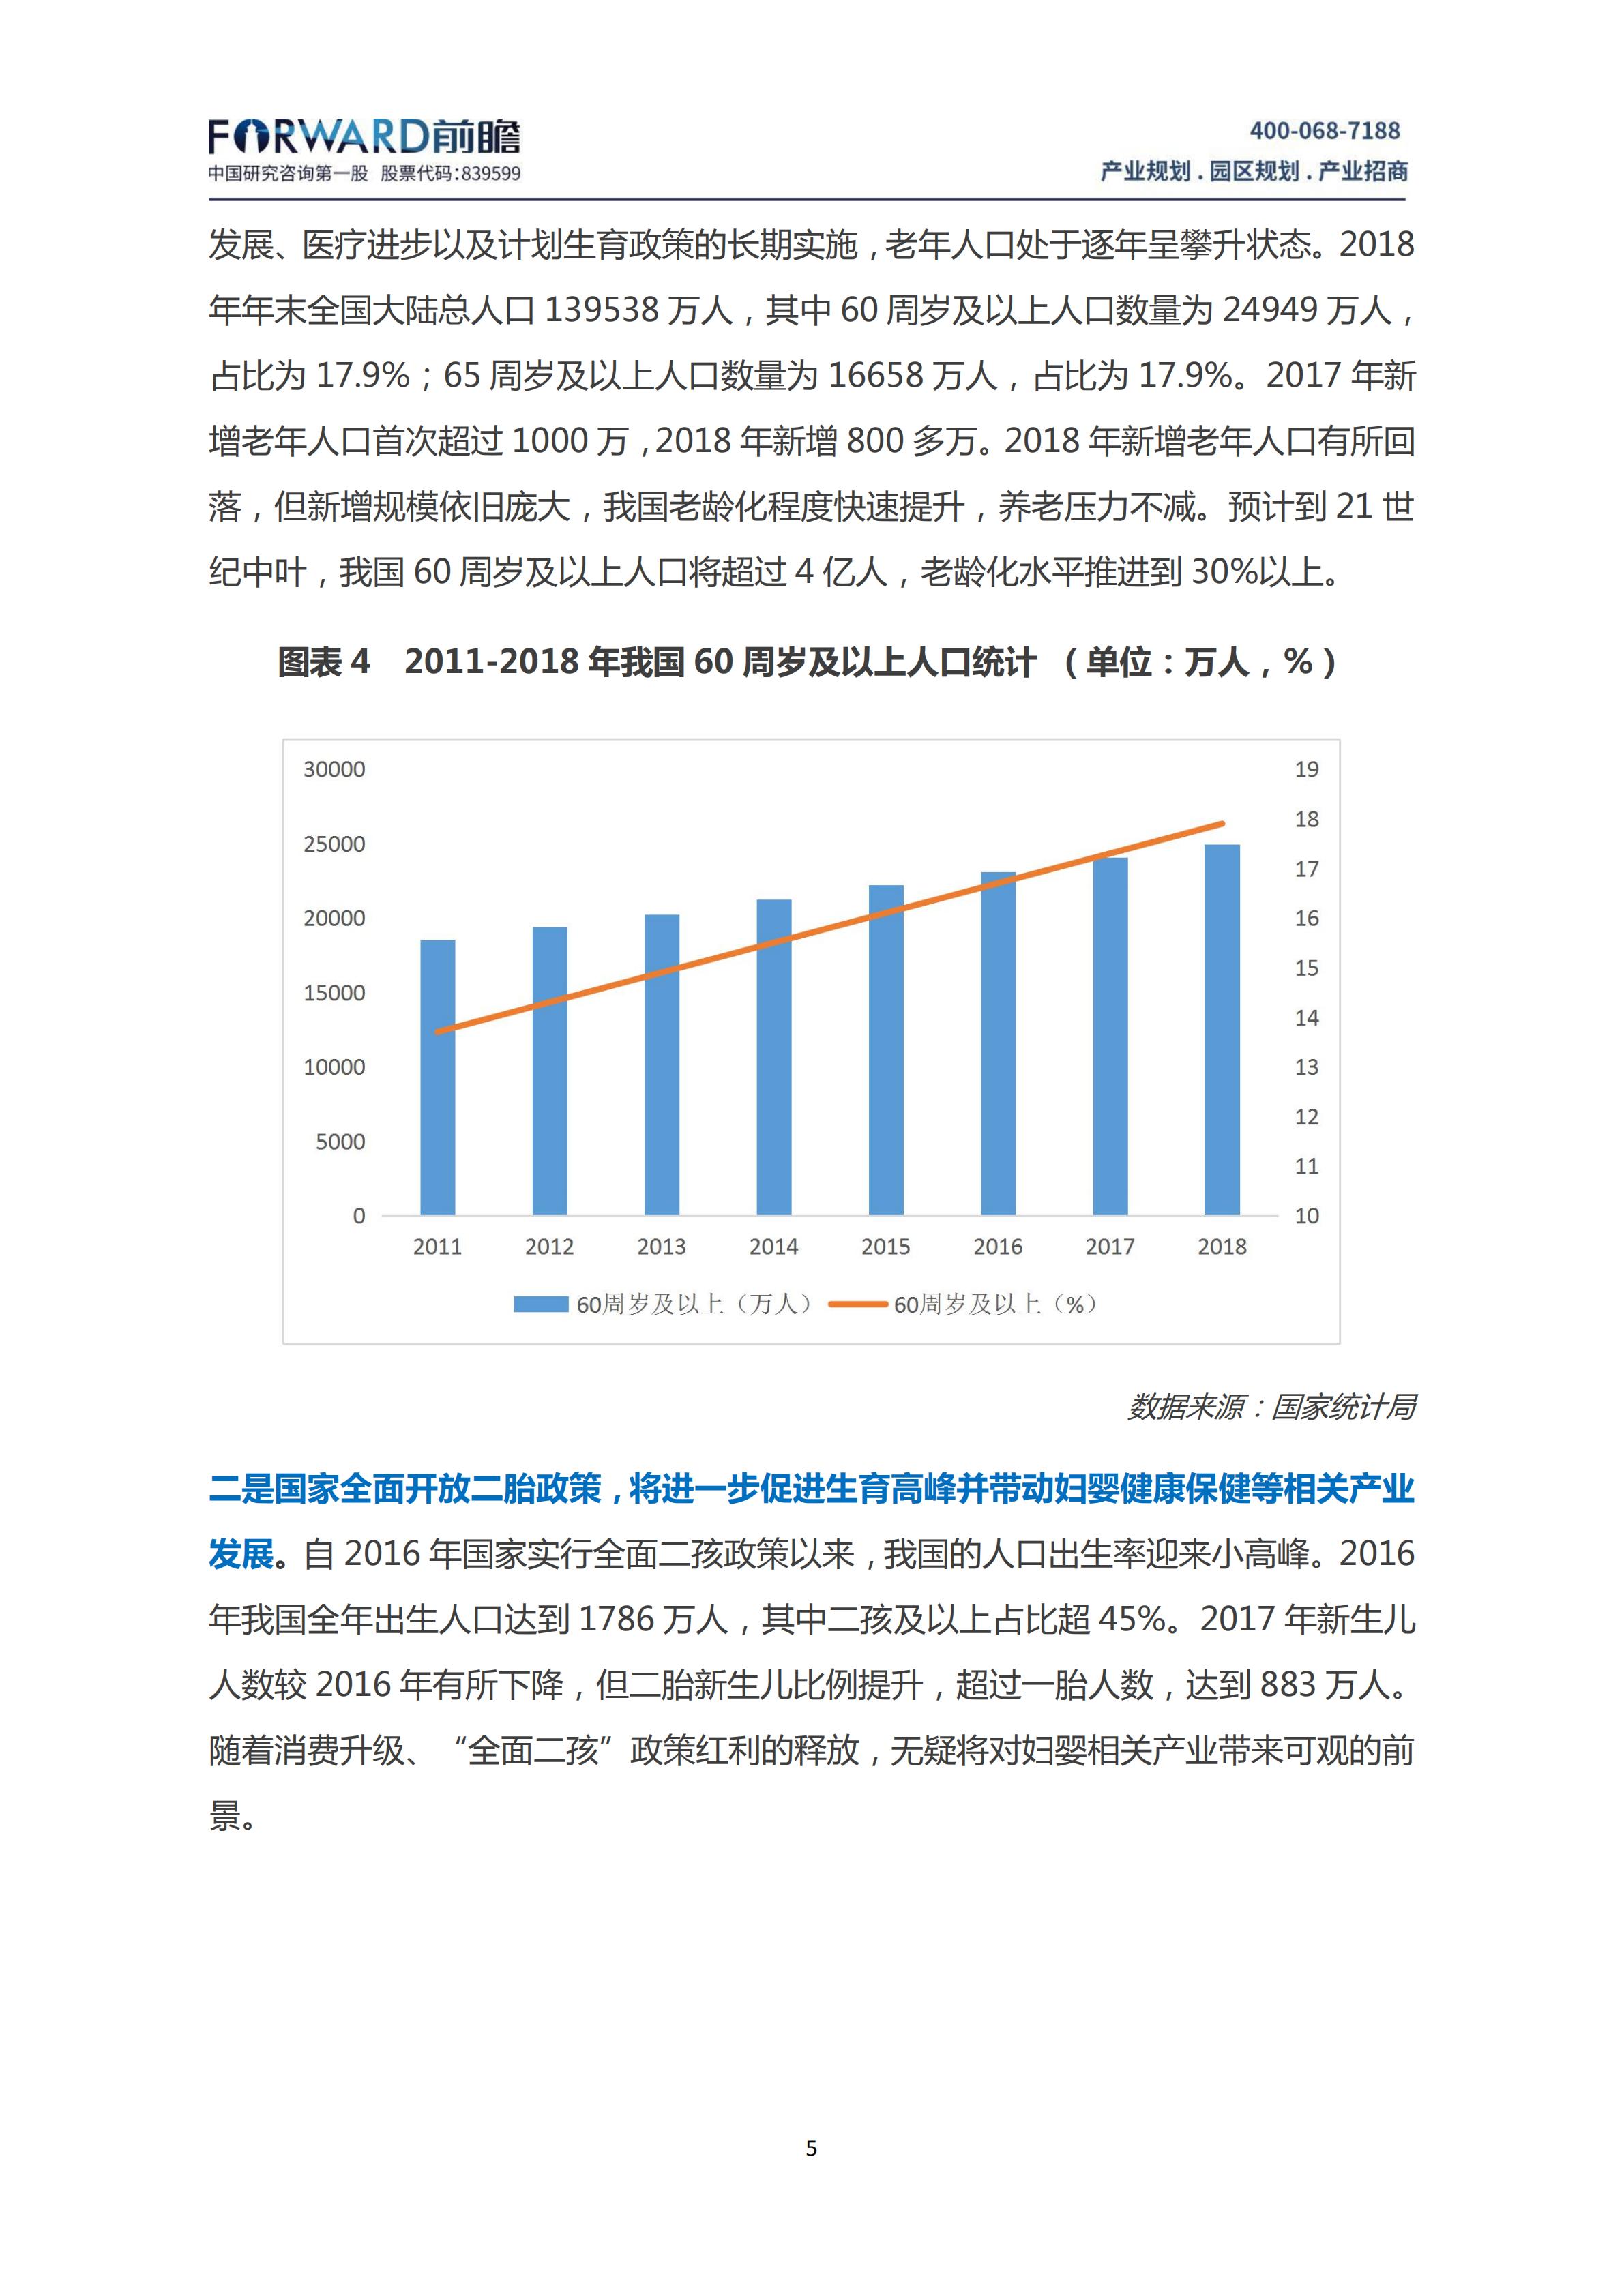 中国大健康产业发展现状及趋势分析_06.png